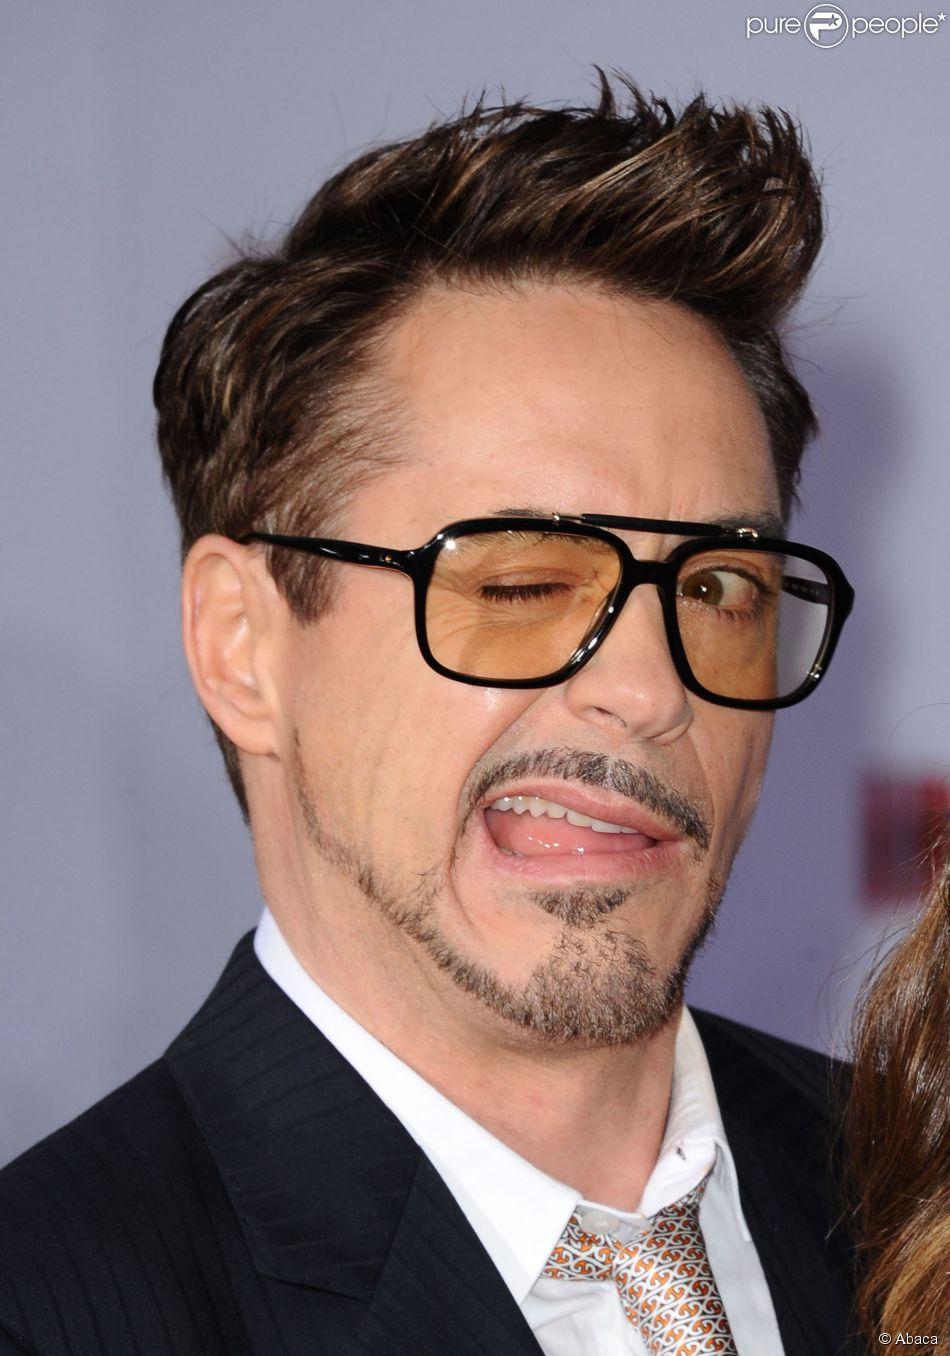 Robert Downey Jr. à Los Angeles, le 24 avril 2013. Il a gagné 75 millions de dollars entre juin 2013 et juin 2014.